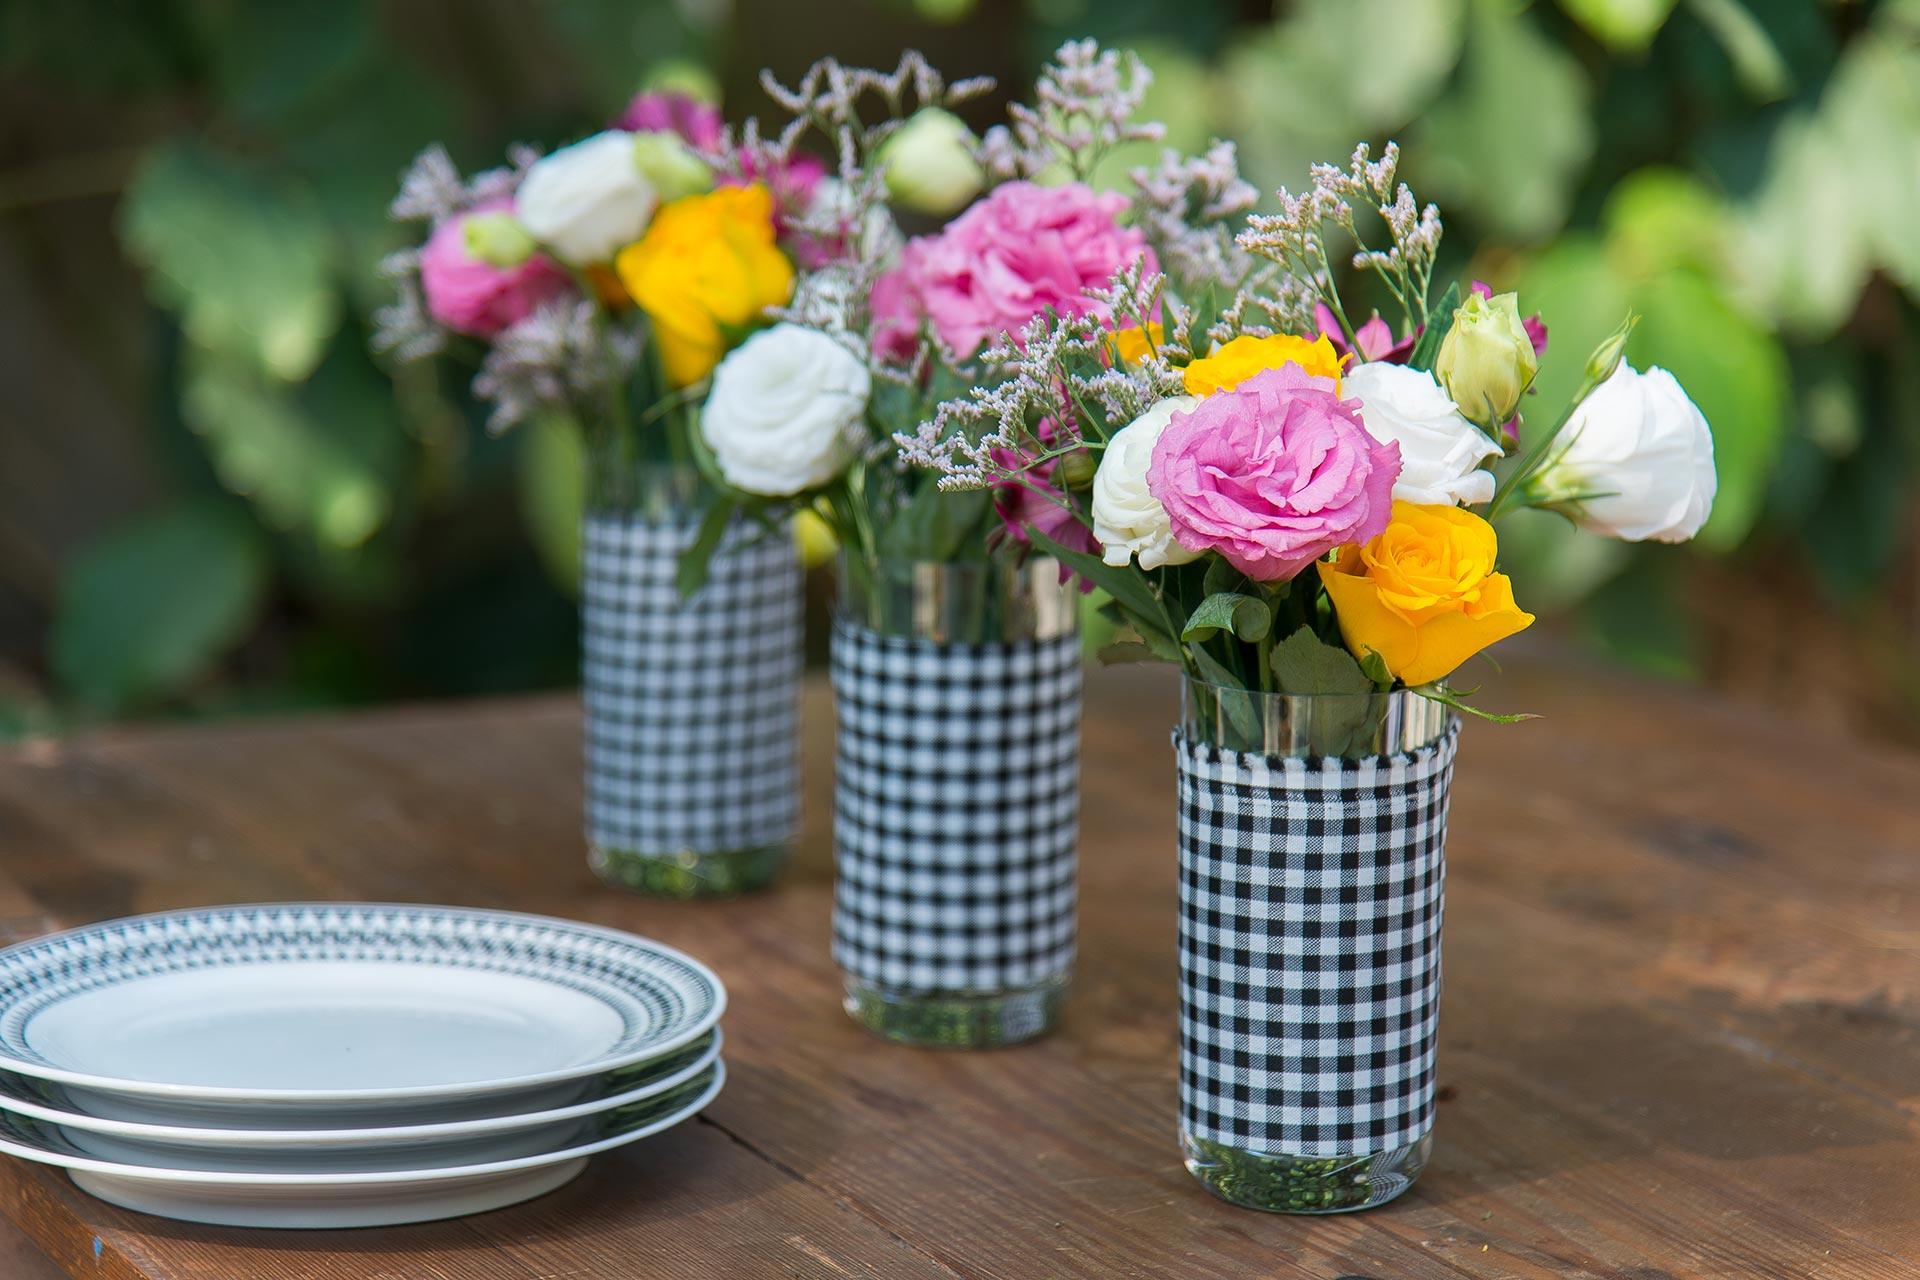 Imagem: Dá pra montar lindos arranjos de flores para a mesa usando copos de cristal. Foto: Cacá Bratke.